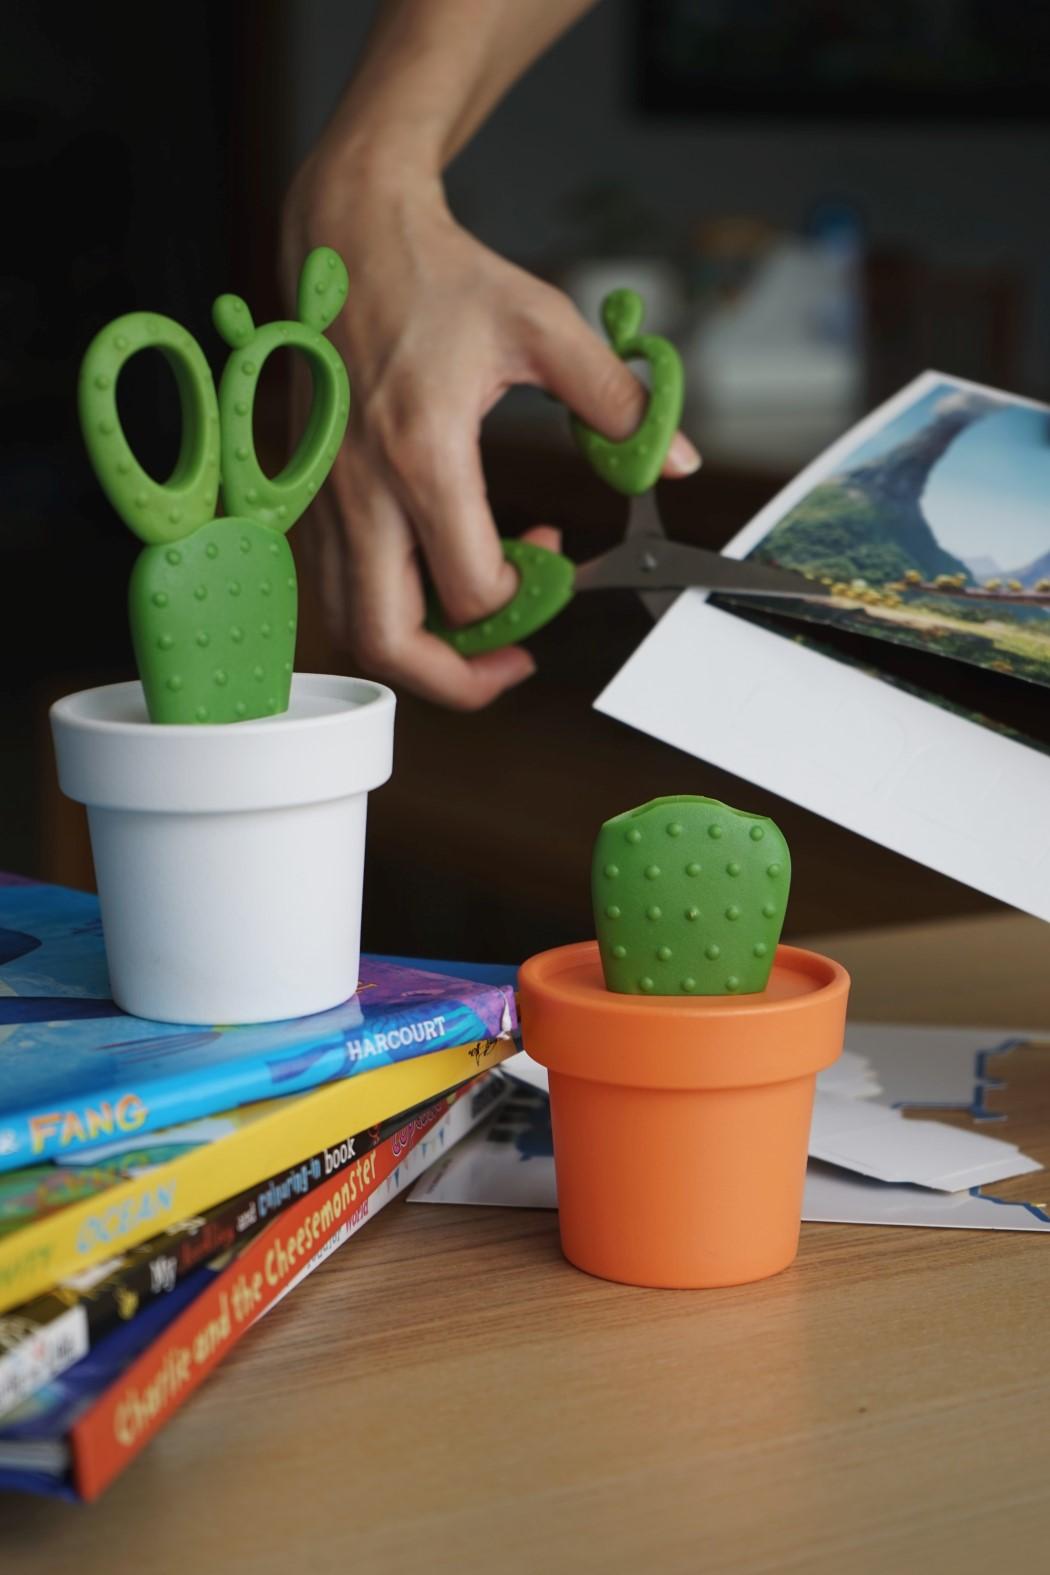 cactus_scissors_4